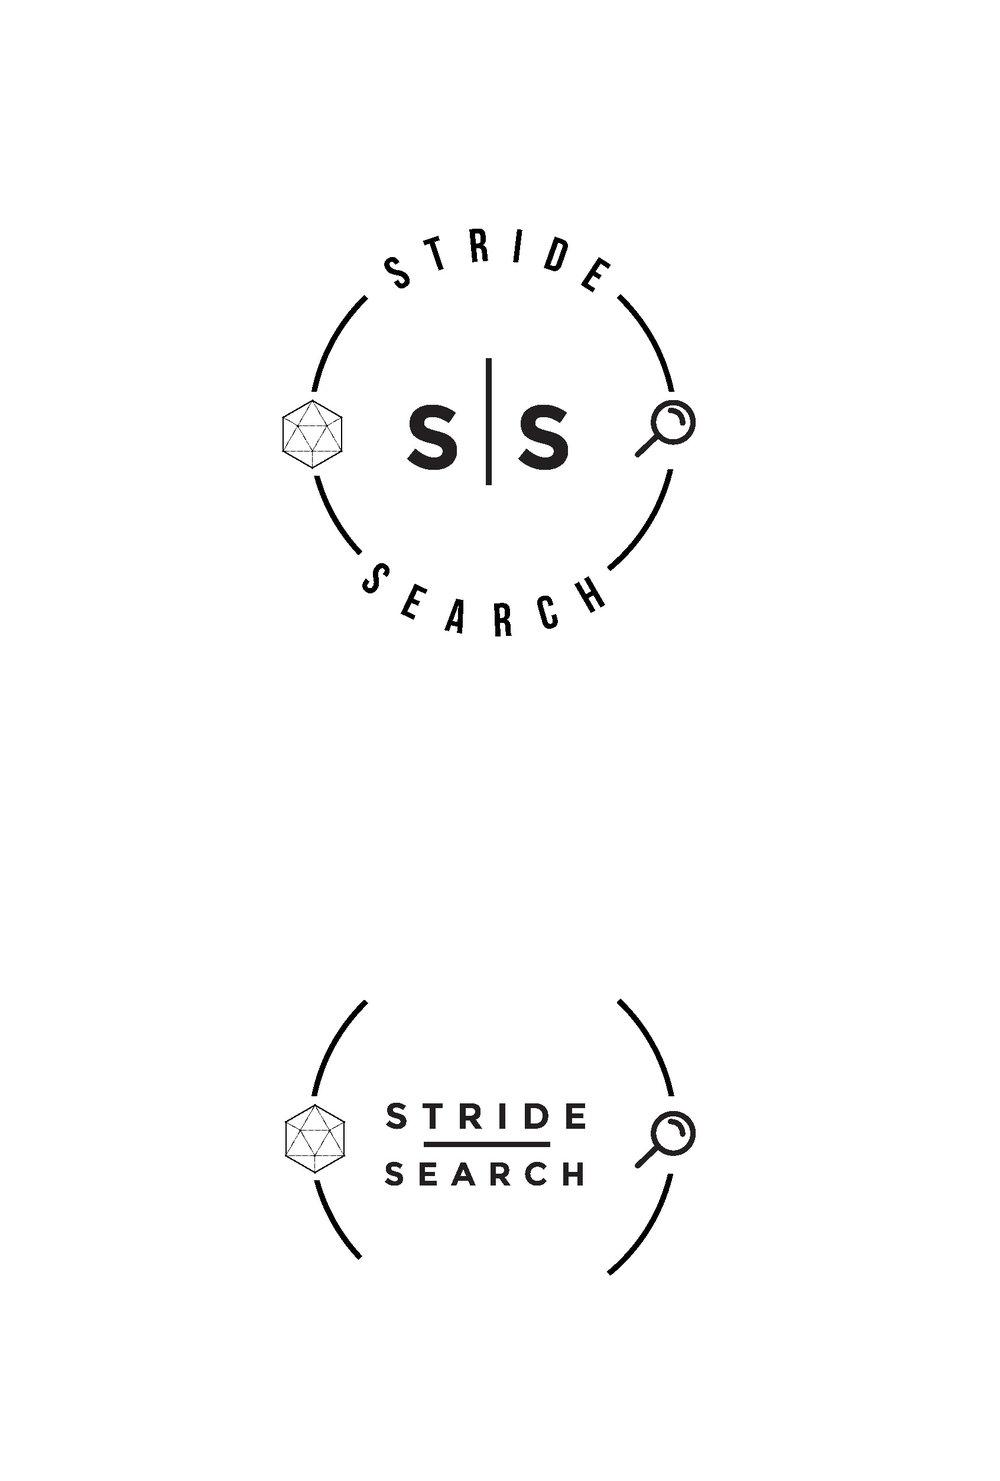 stride search concept 4 circle logo design